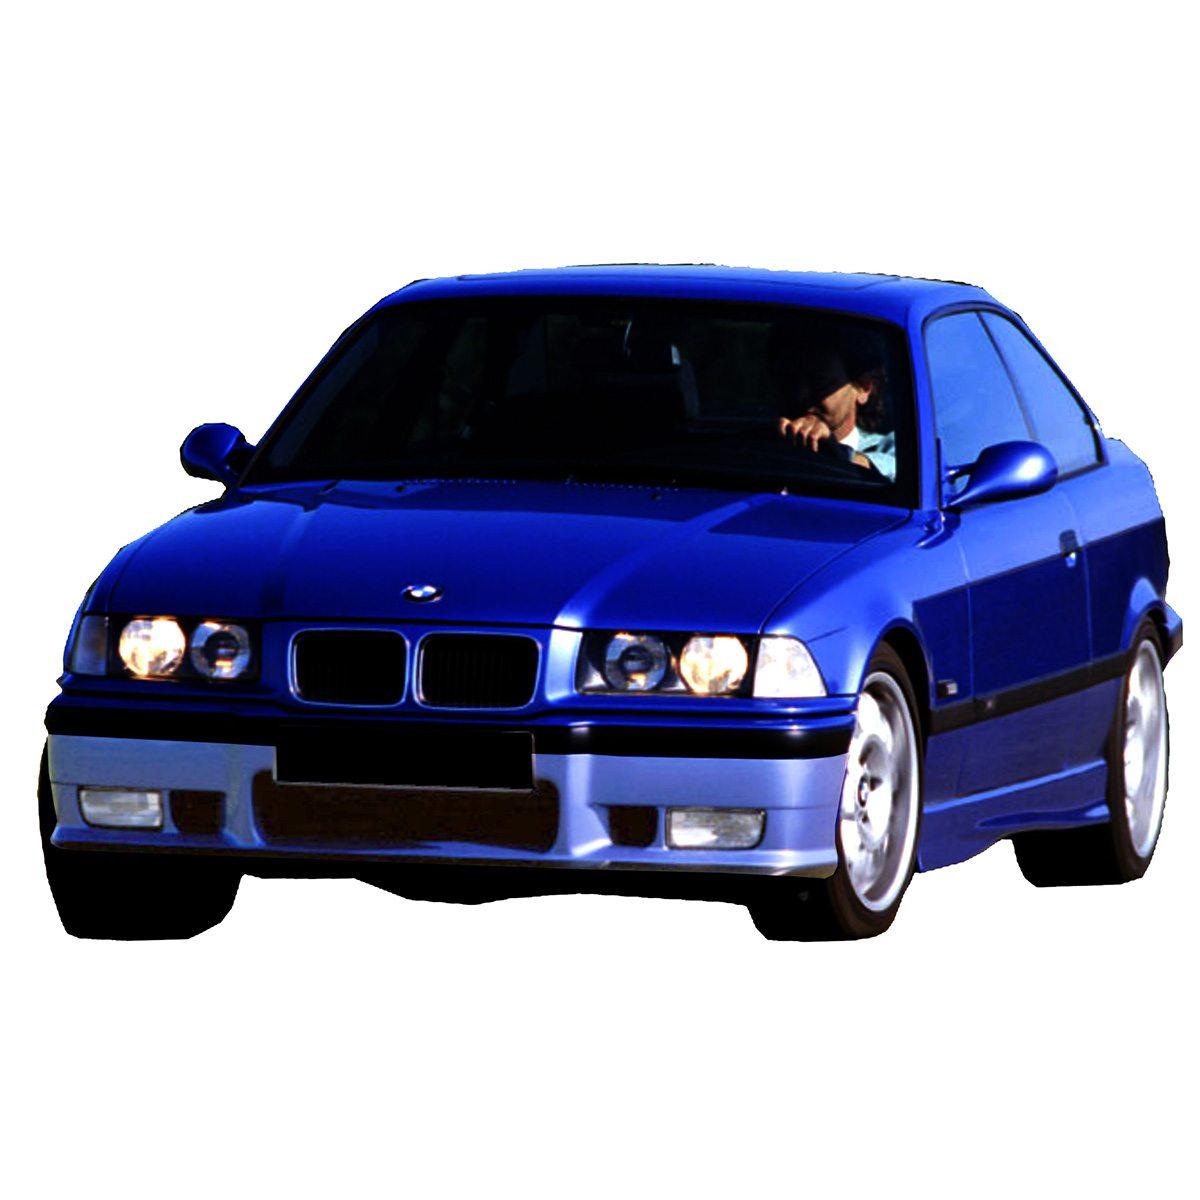 BMW-E36-M3-Frt-SPA004